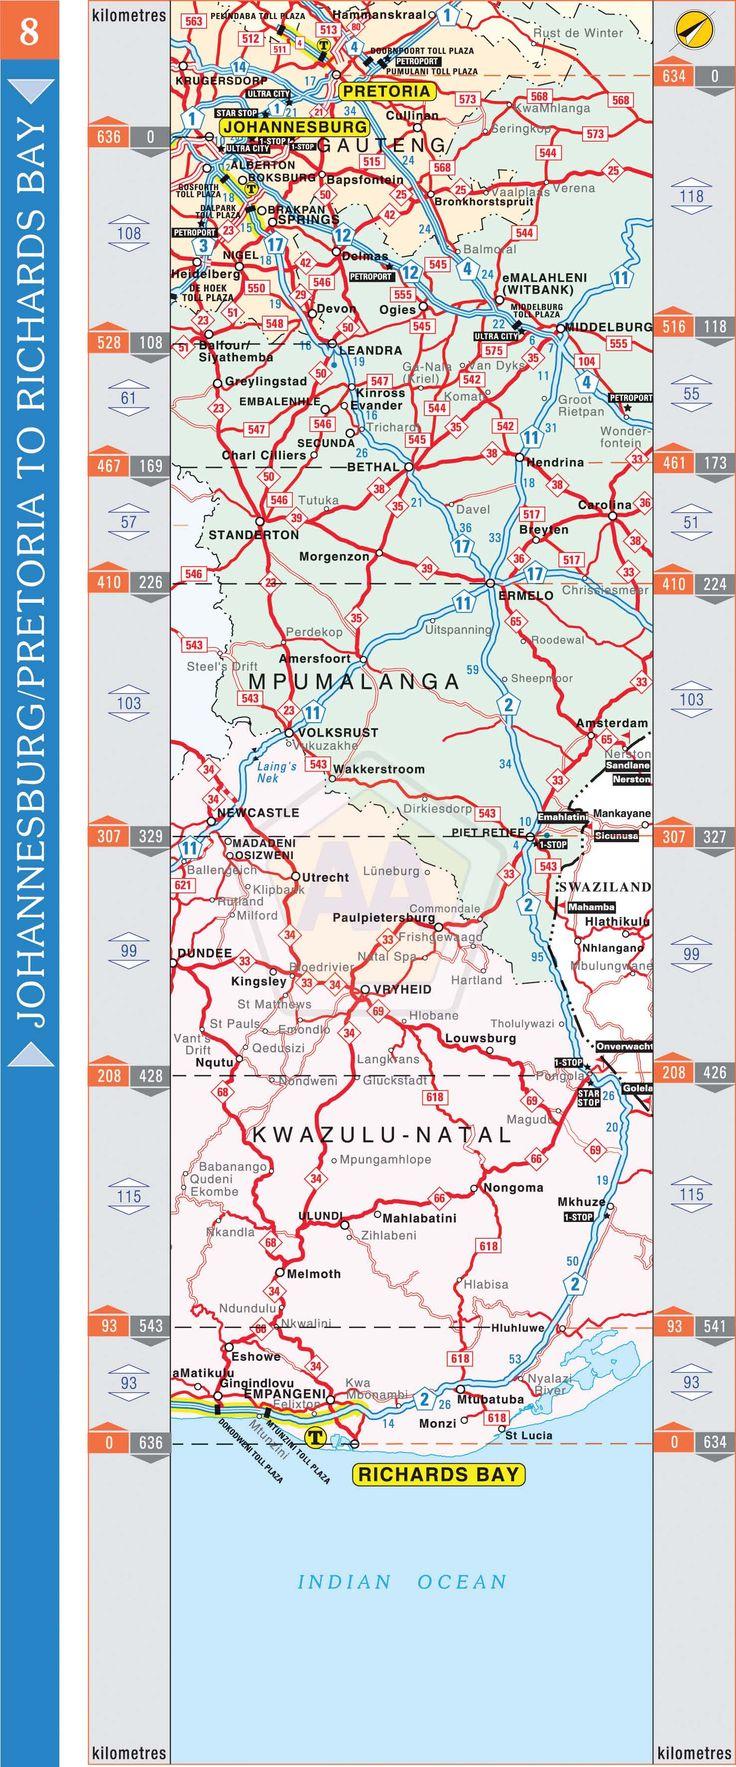 Johannesburg / Pretoria to Richards Bay | Automobile Association